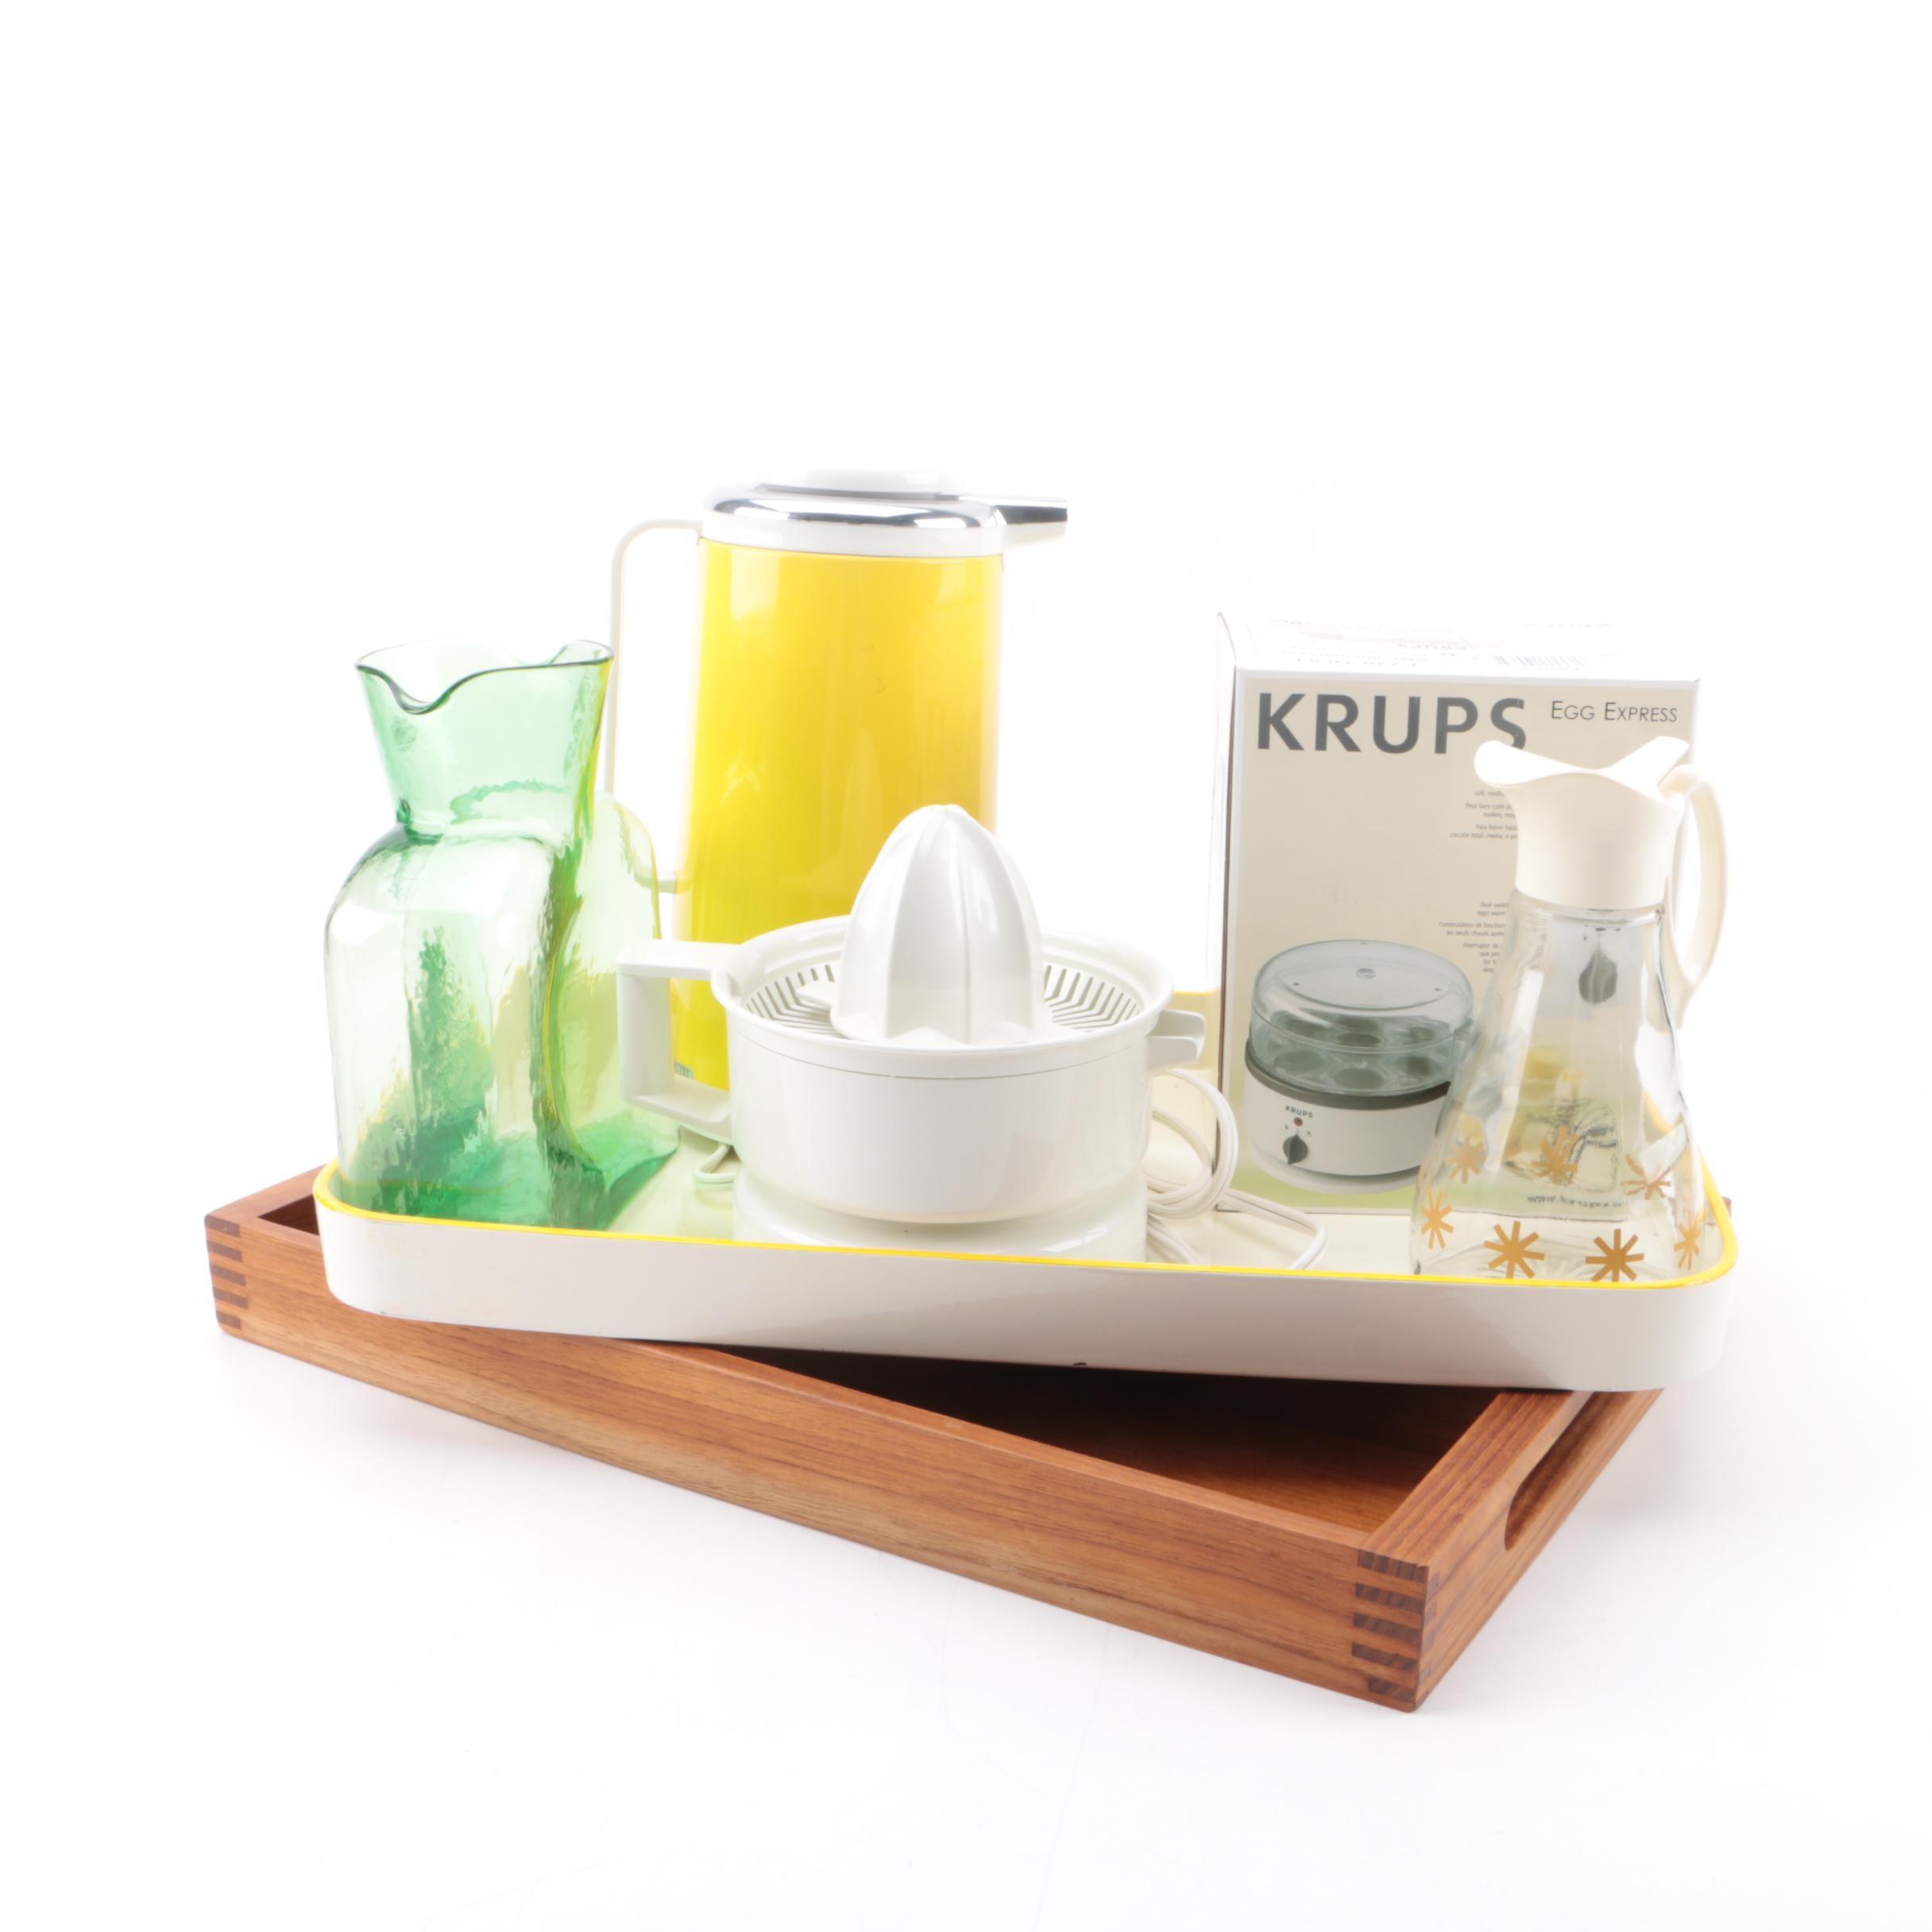 Krups Juicer, Egg Express, Trays, Blenko Pitcher and Hues 'n Brews Carafe